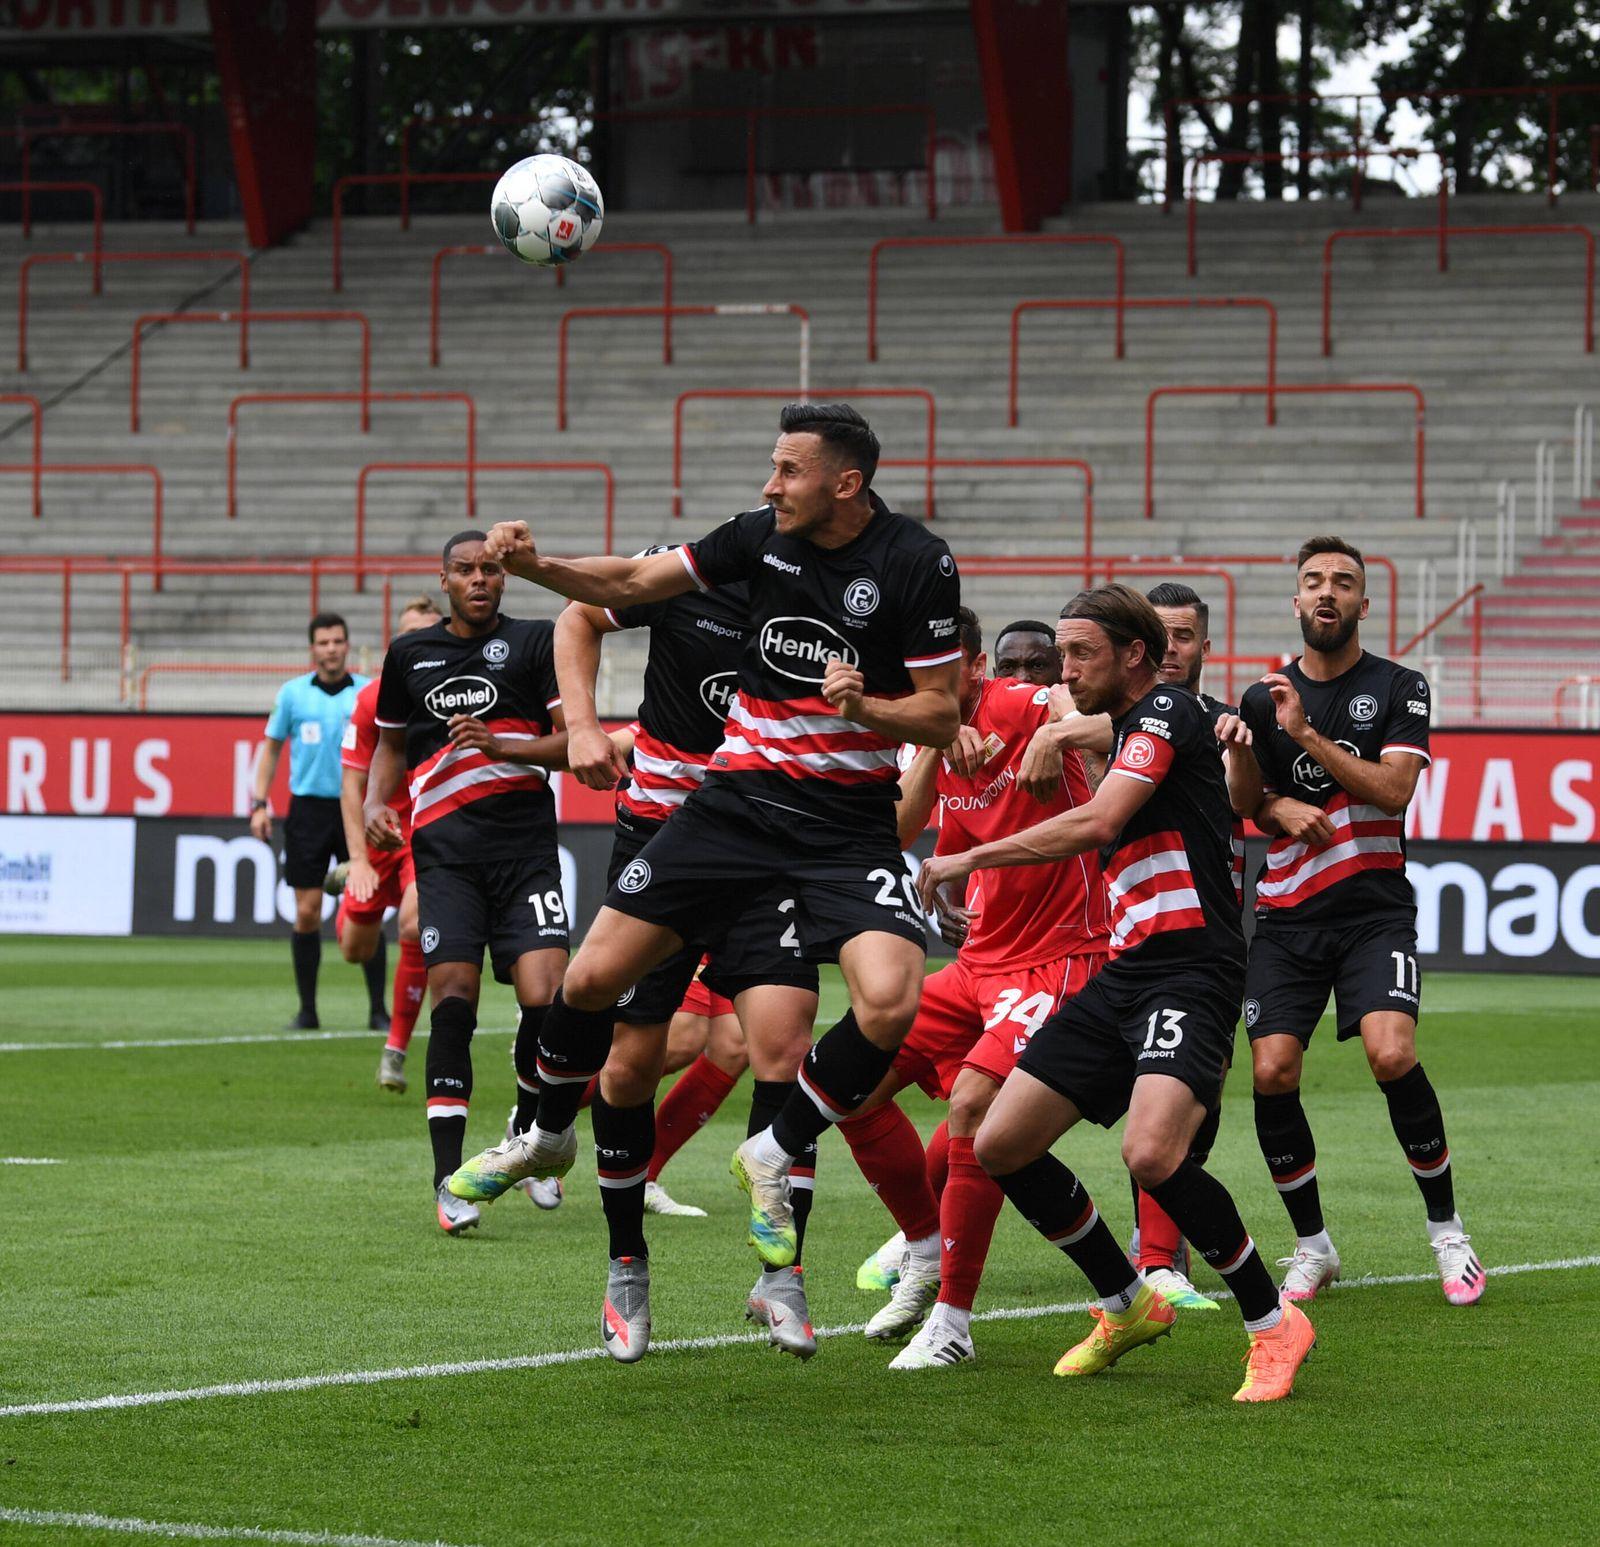 Fussball, Herren, Saison 2019/2020, 1. Bundesliga (34. Spieltag), 1. FC Union Berlin - Fortuna Düsseldorf (3:0), v. l.